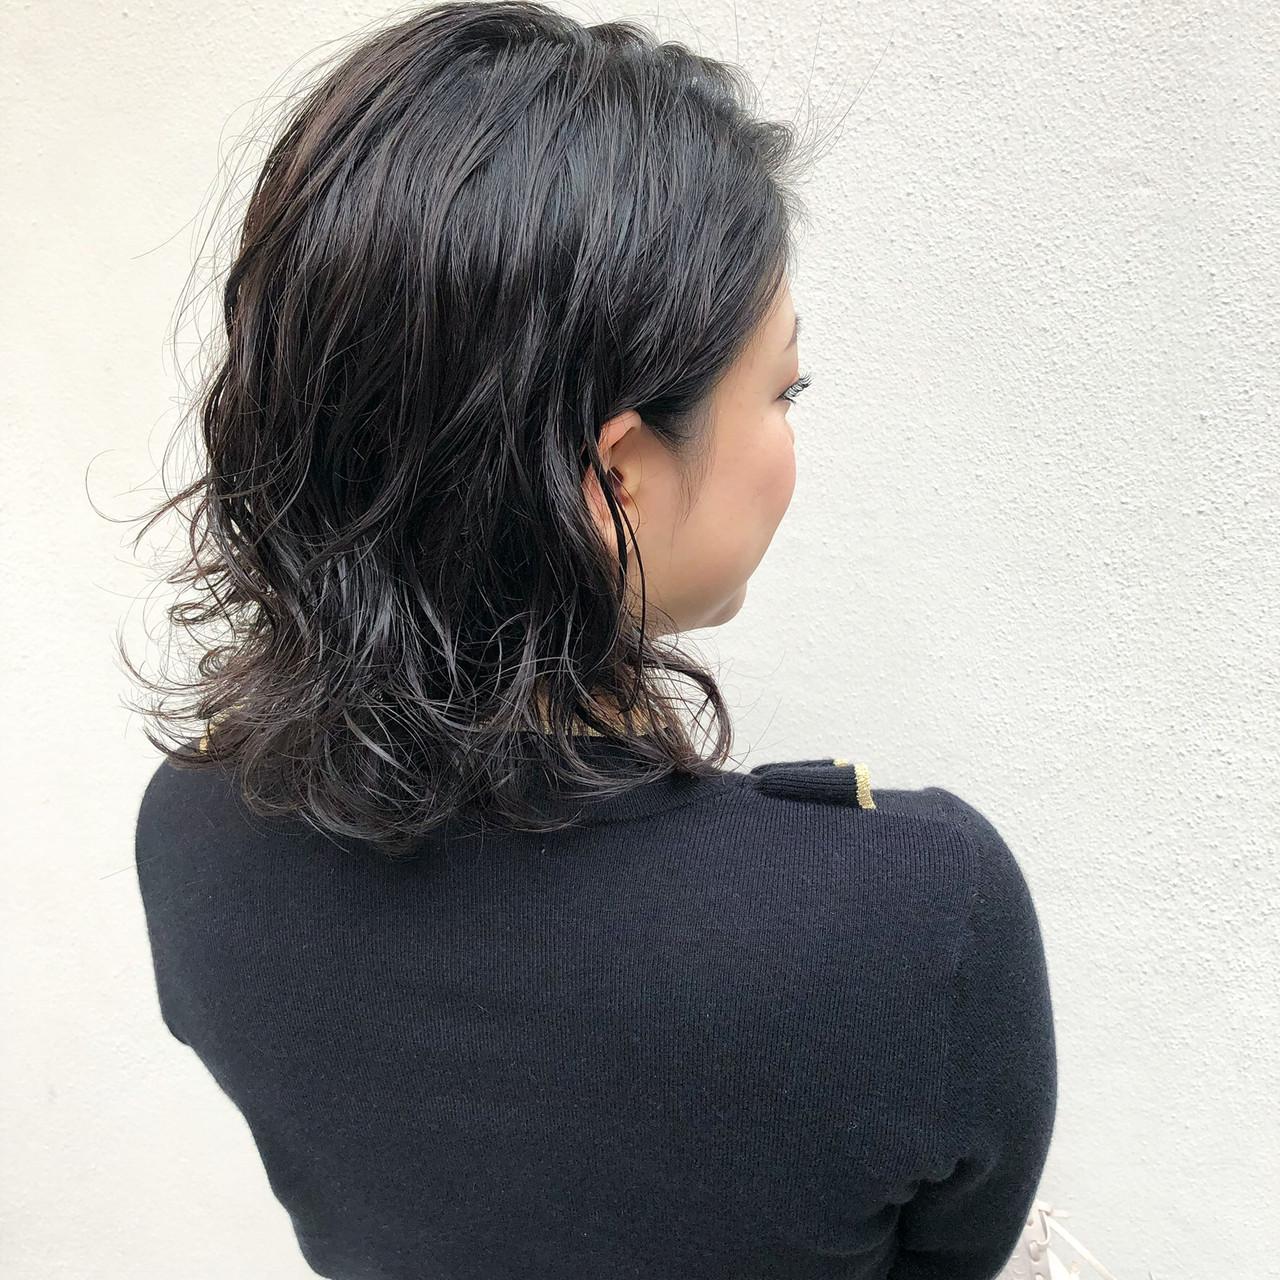 ゆるふわパーマ 切りっぱなしボブ ナチュラル 無造作パーマ ヘアスタイルや髪型の写真・画像